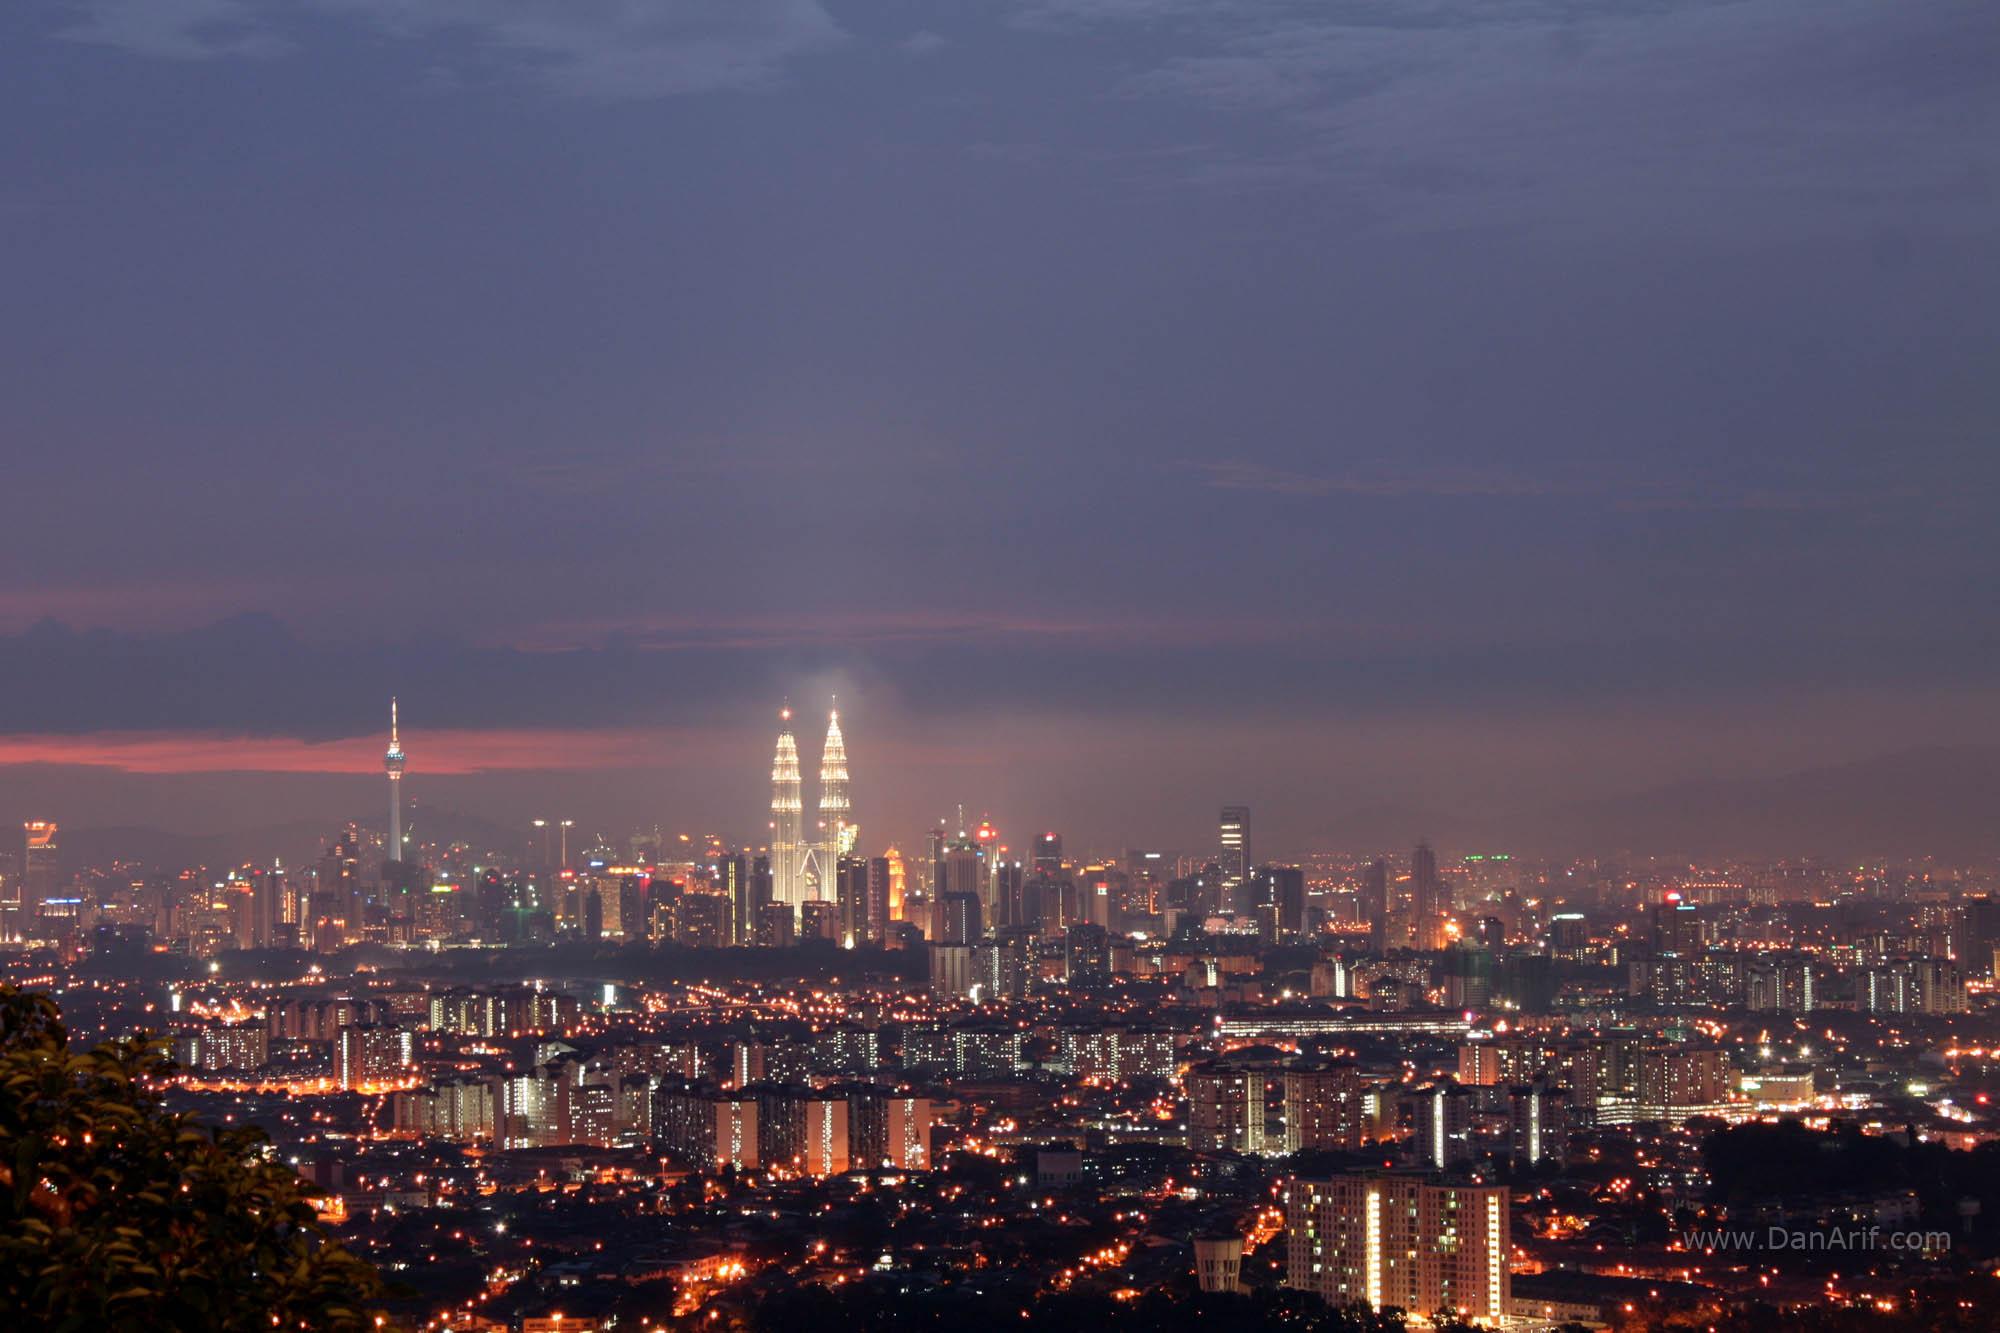 Panorama bandar kuching volvoab for Home wallpaper kuching